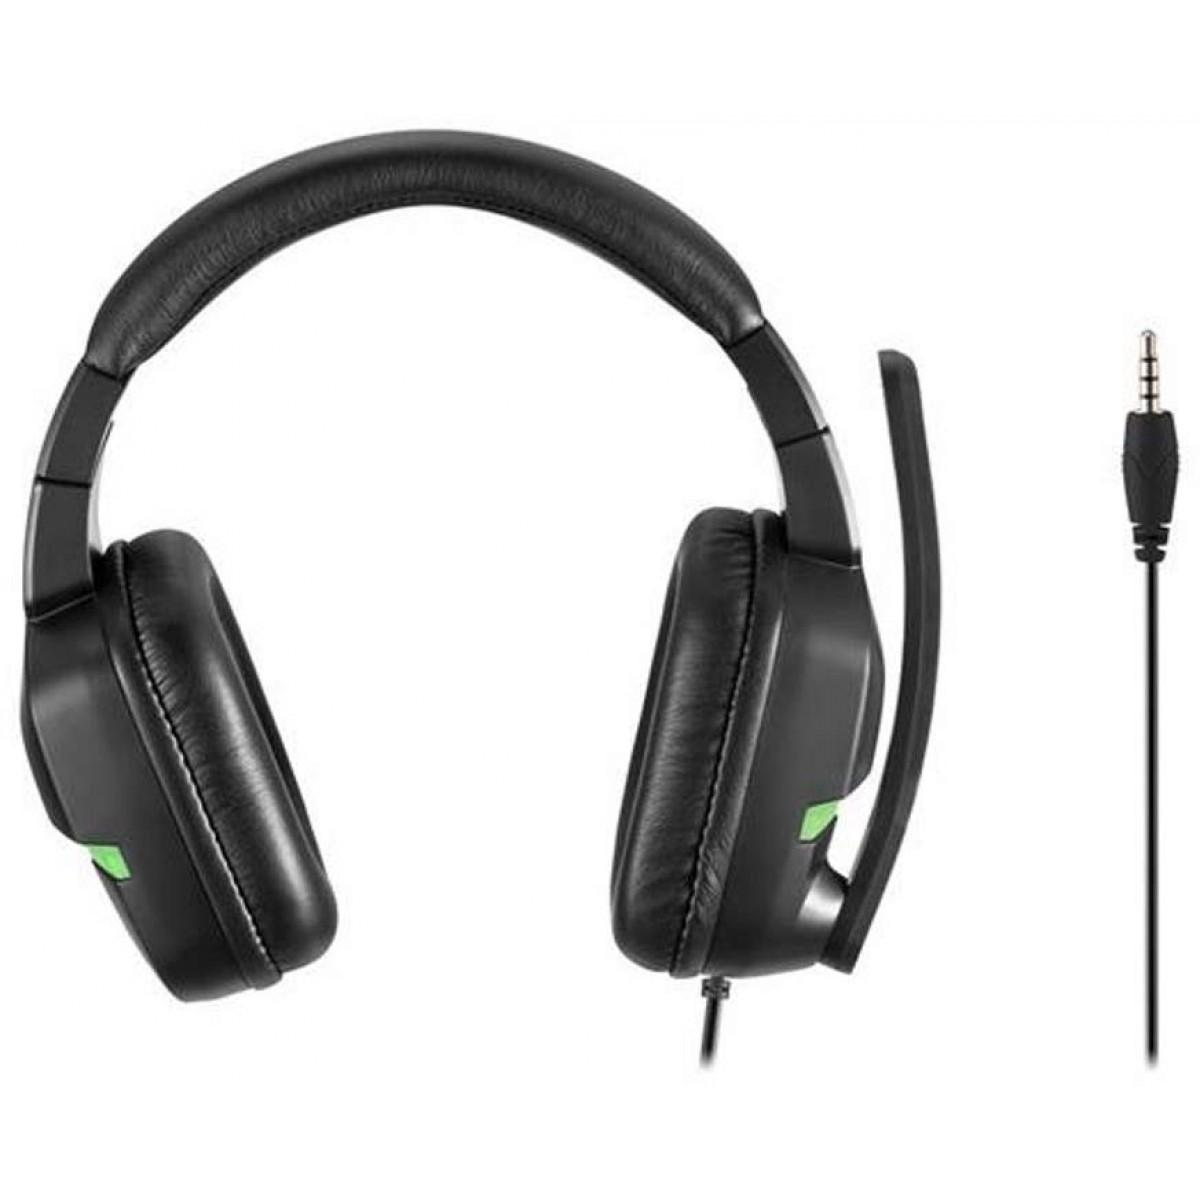 Headset Gamer Warrior Askari Stereo, Xbox One, Verde, PH291